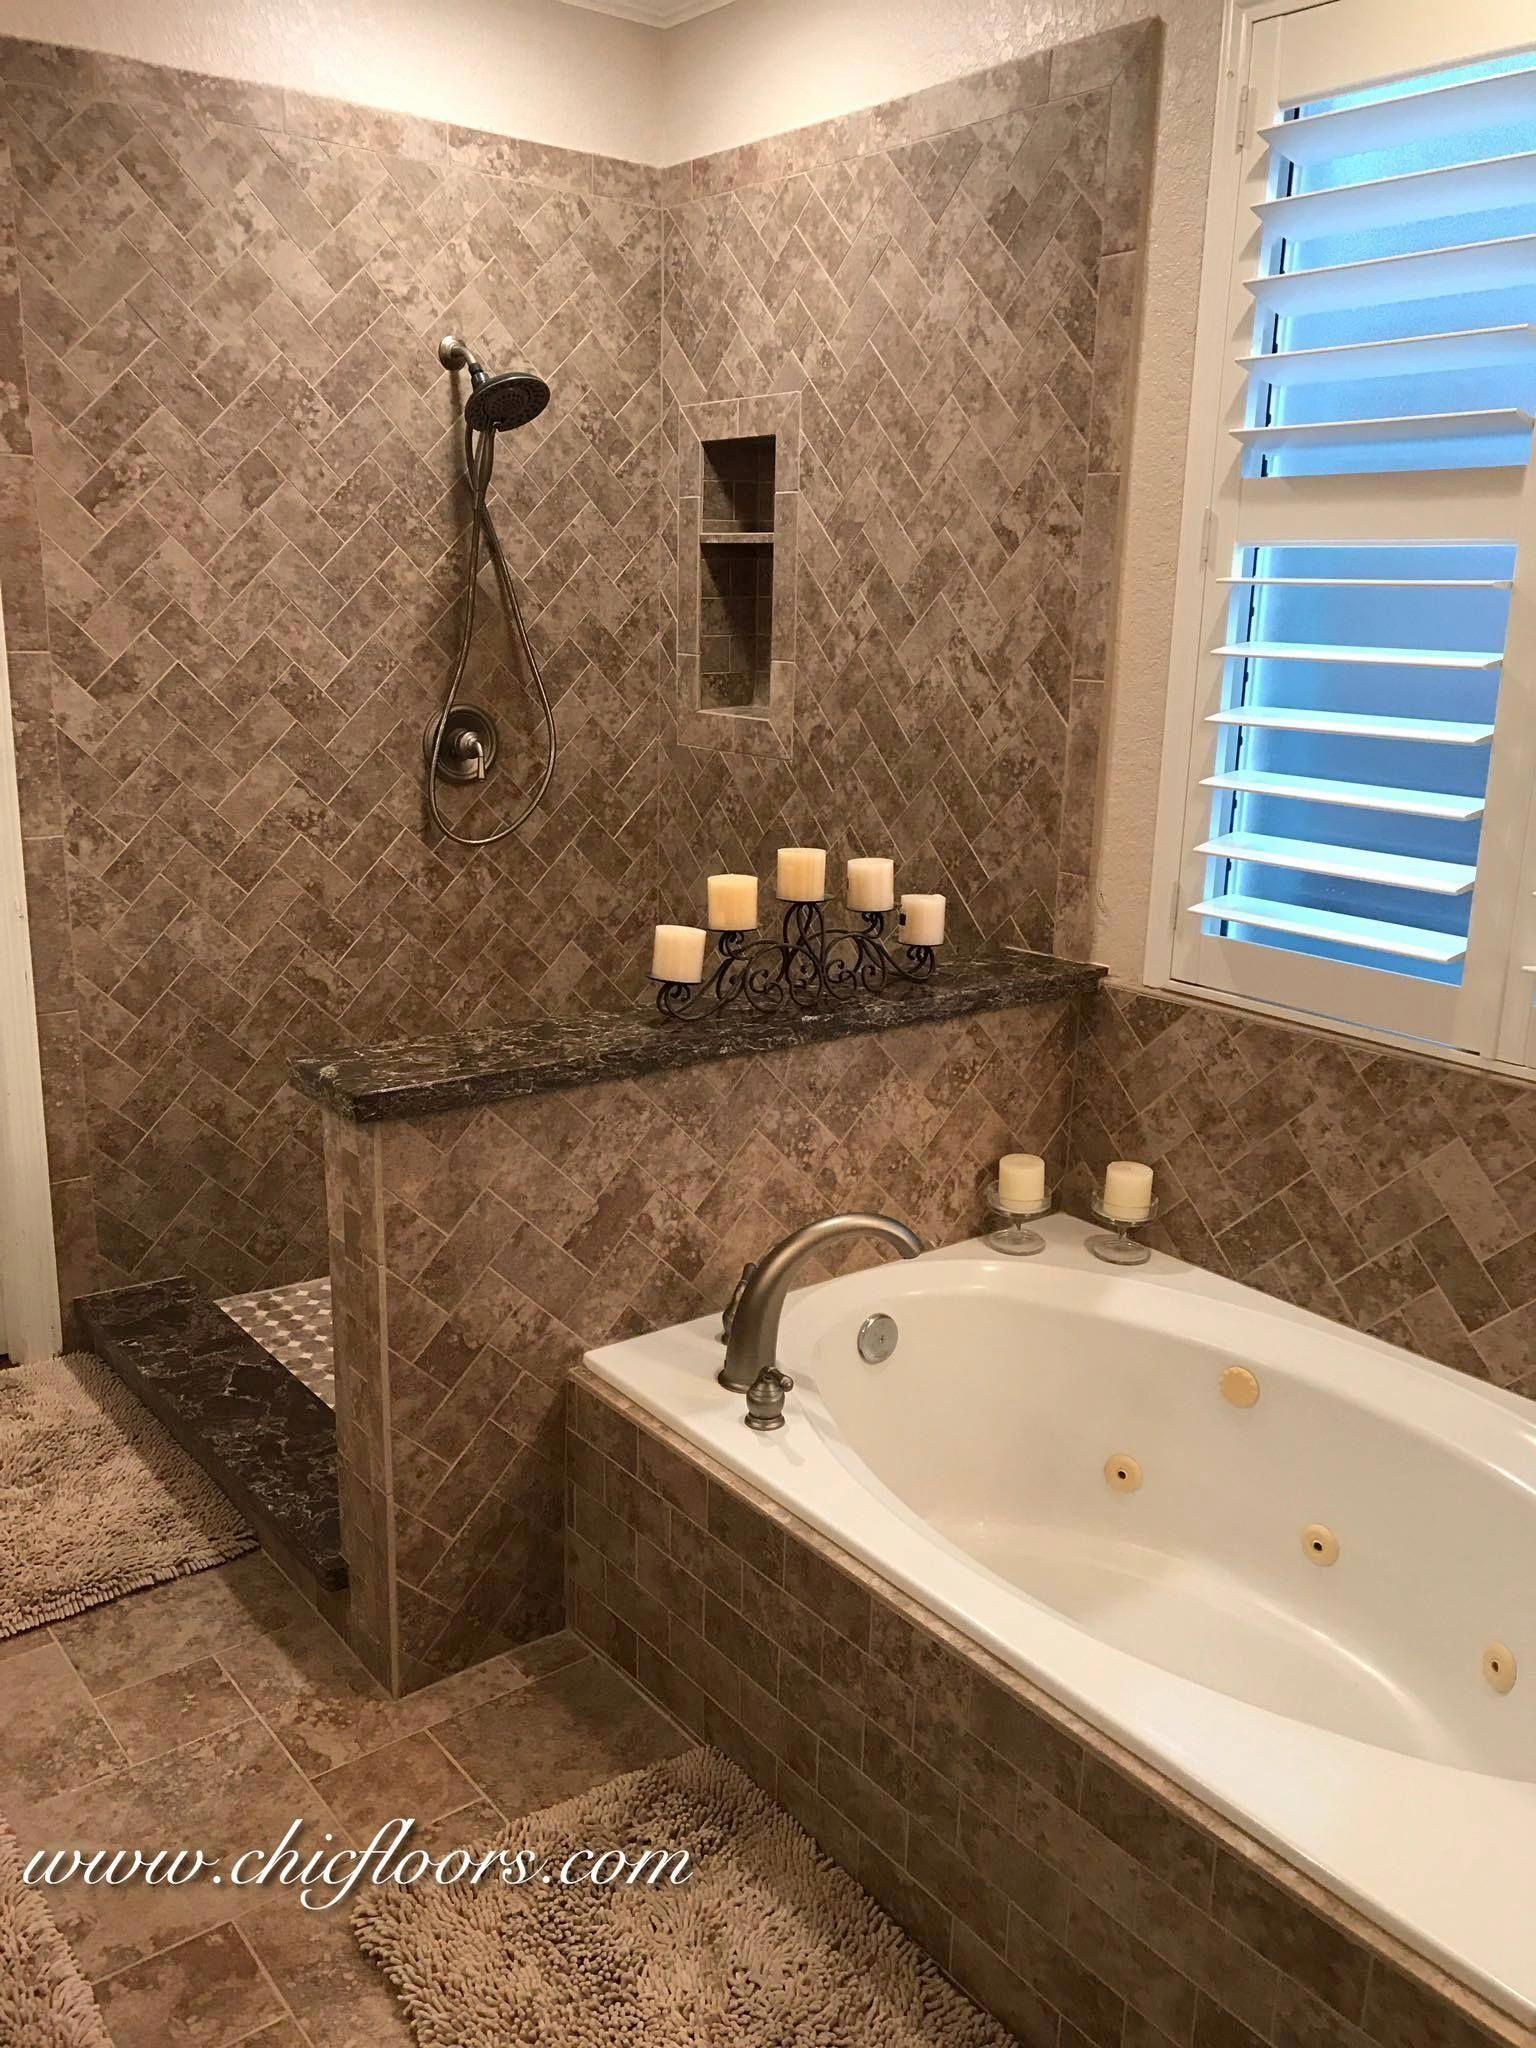 Eberhart Salle De Bain light pink bathroom #bathroomvanitycabinets product id